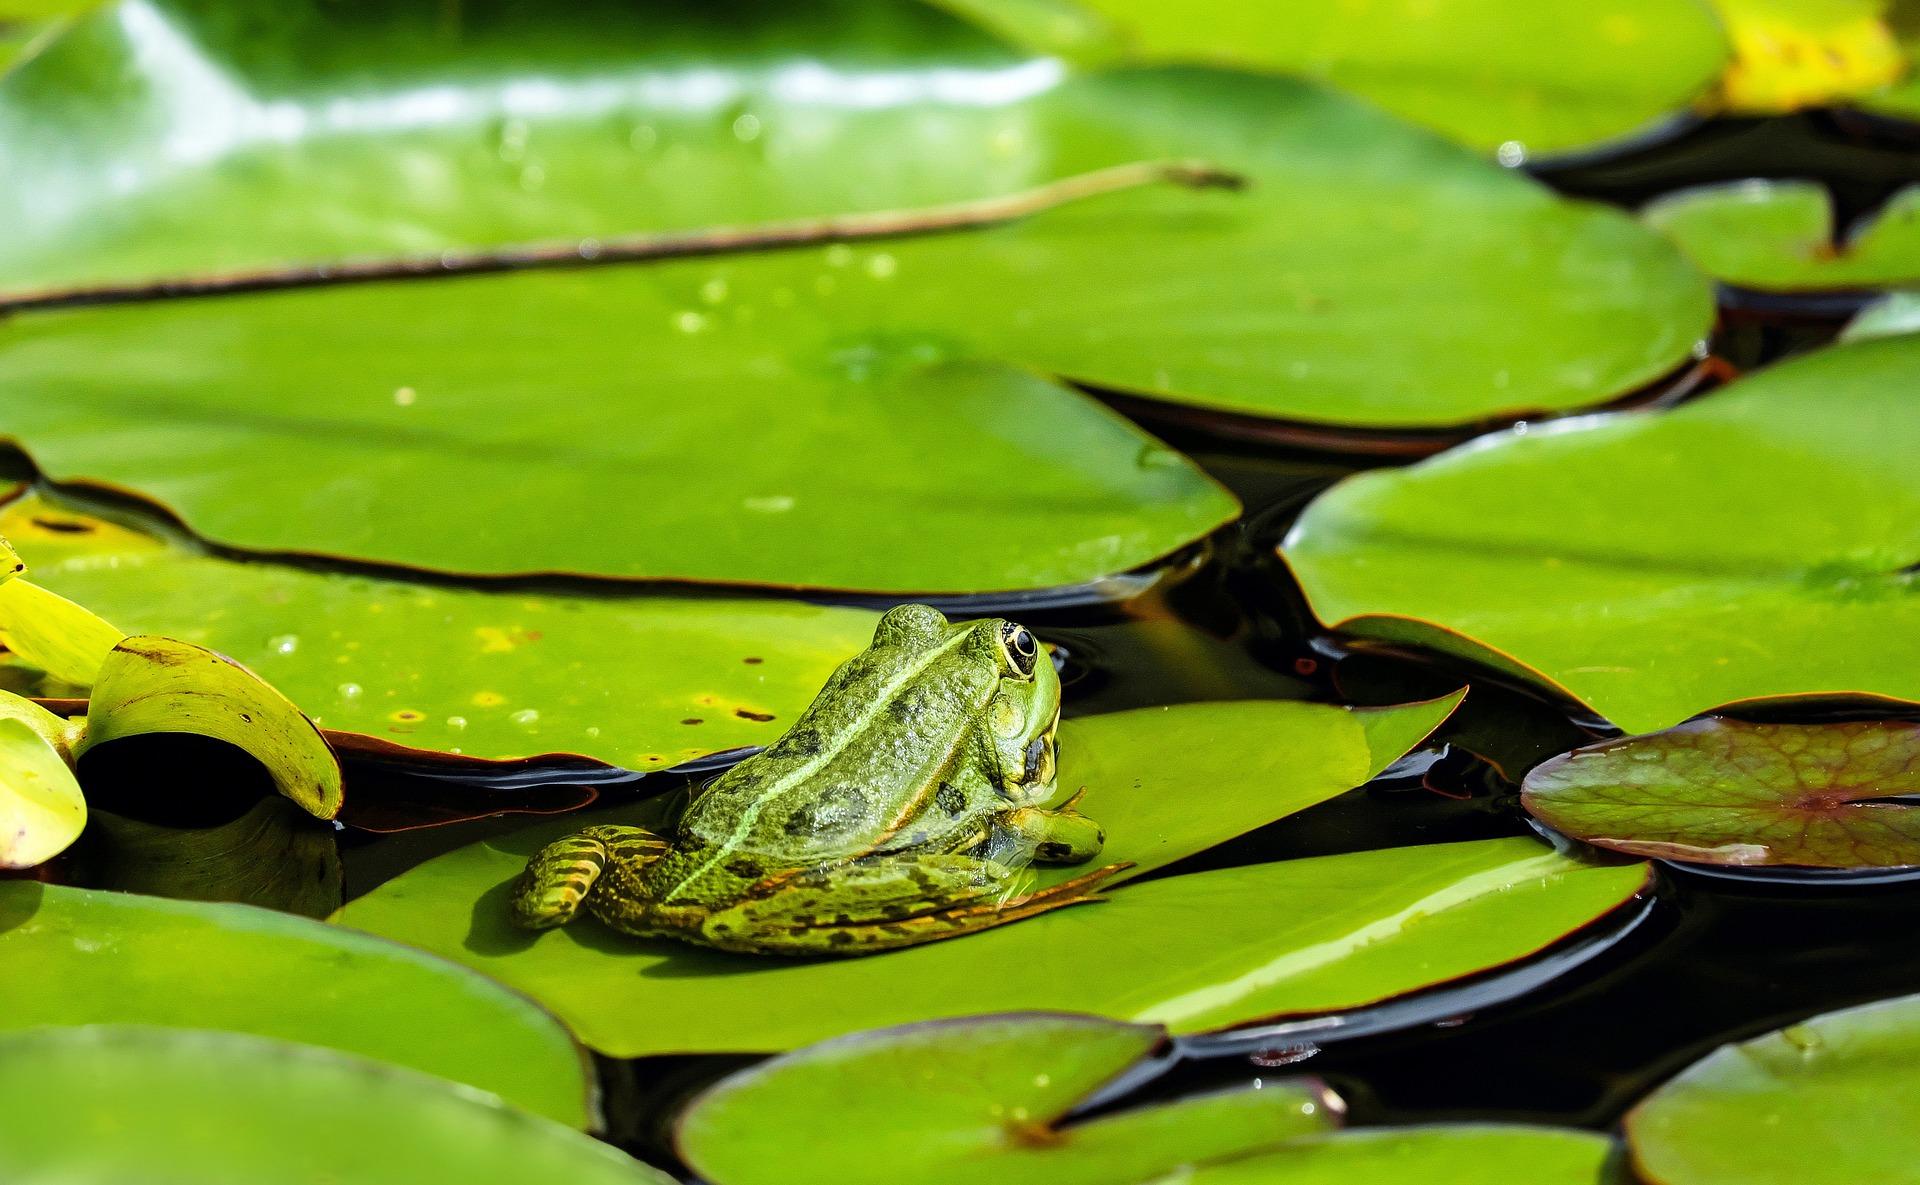 Grenouille, CHARCA, lis d'eau, eau, Amphibiens - Fonds d'écran HD - Professor-falken.com